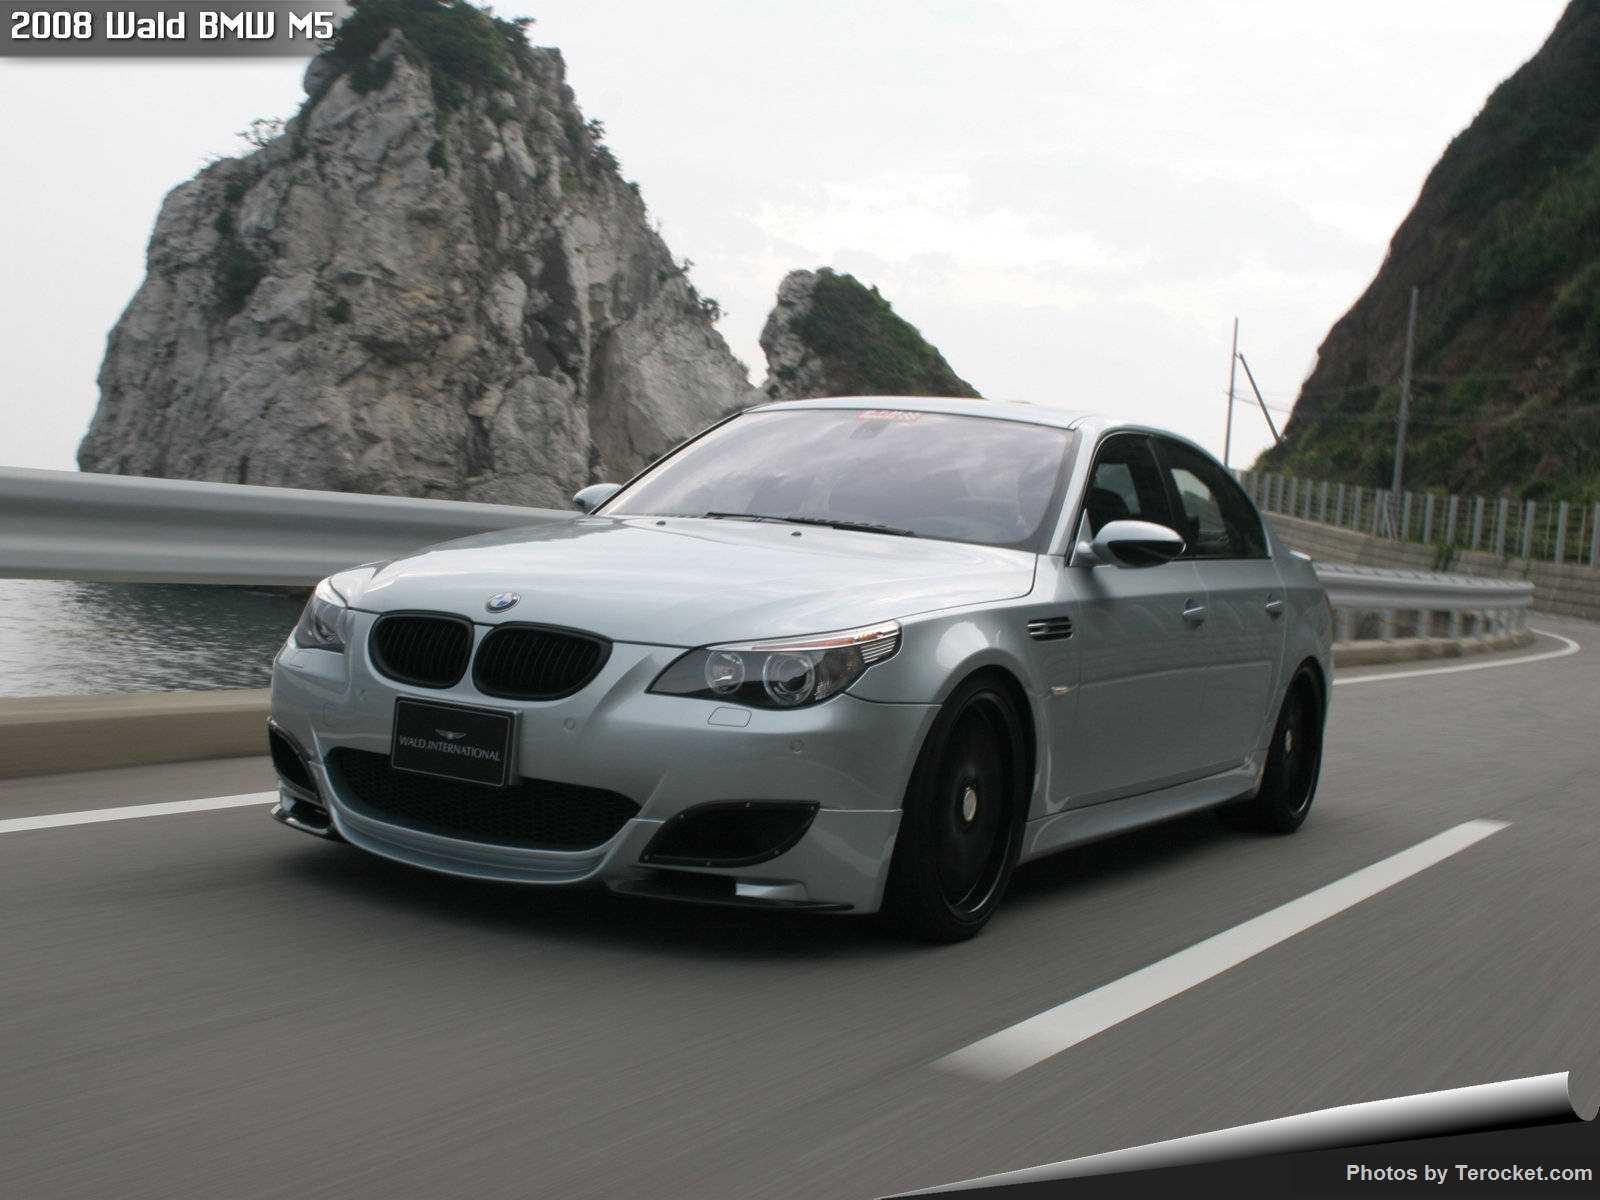 Hình ảnh xe độ Wald BMW M5 2008 & nội ngoại thất